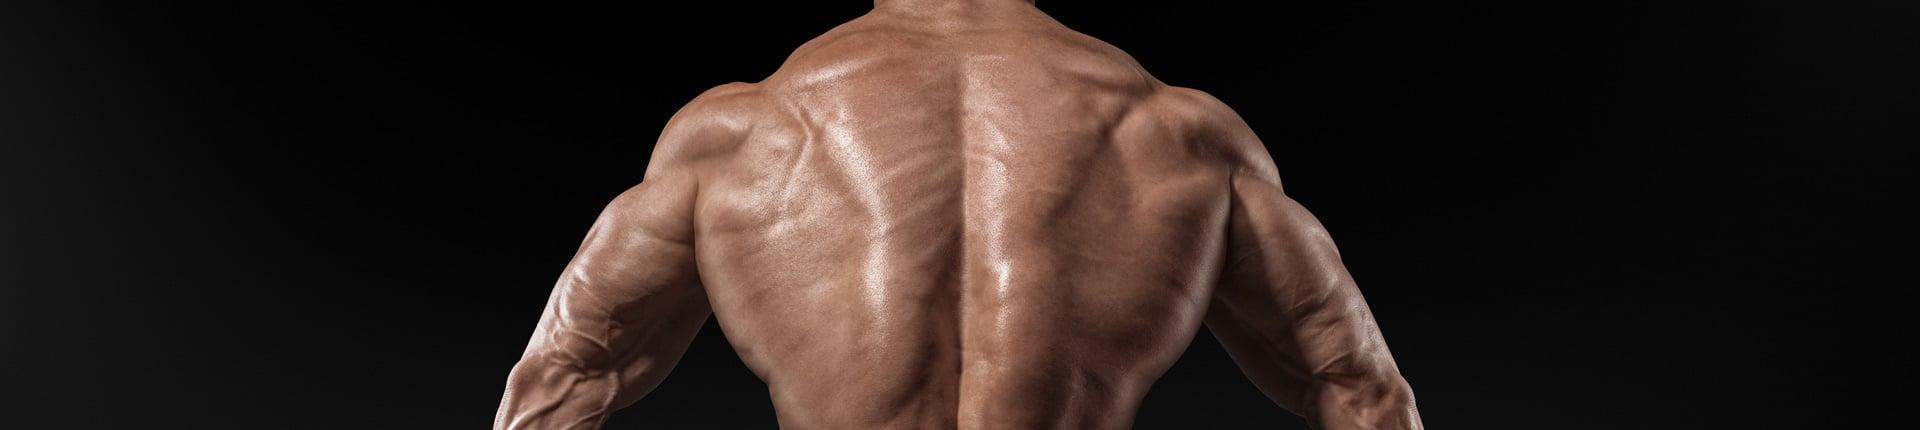 Duże i silne mięśnie grzbietu, czyli trzeba mieć plecy!